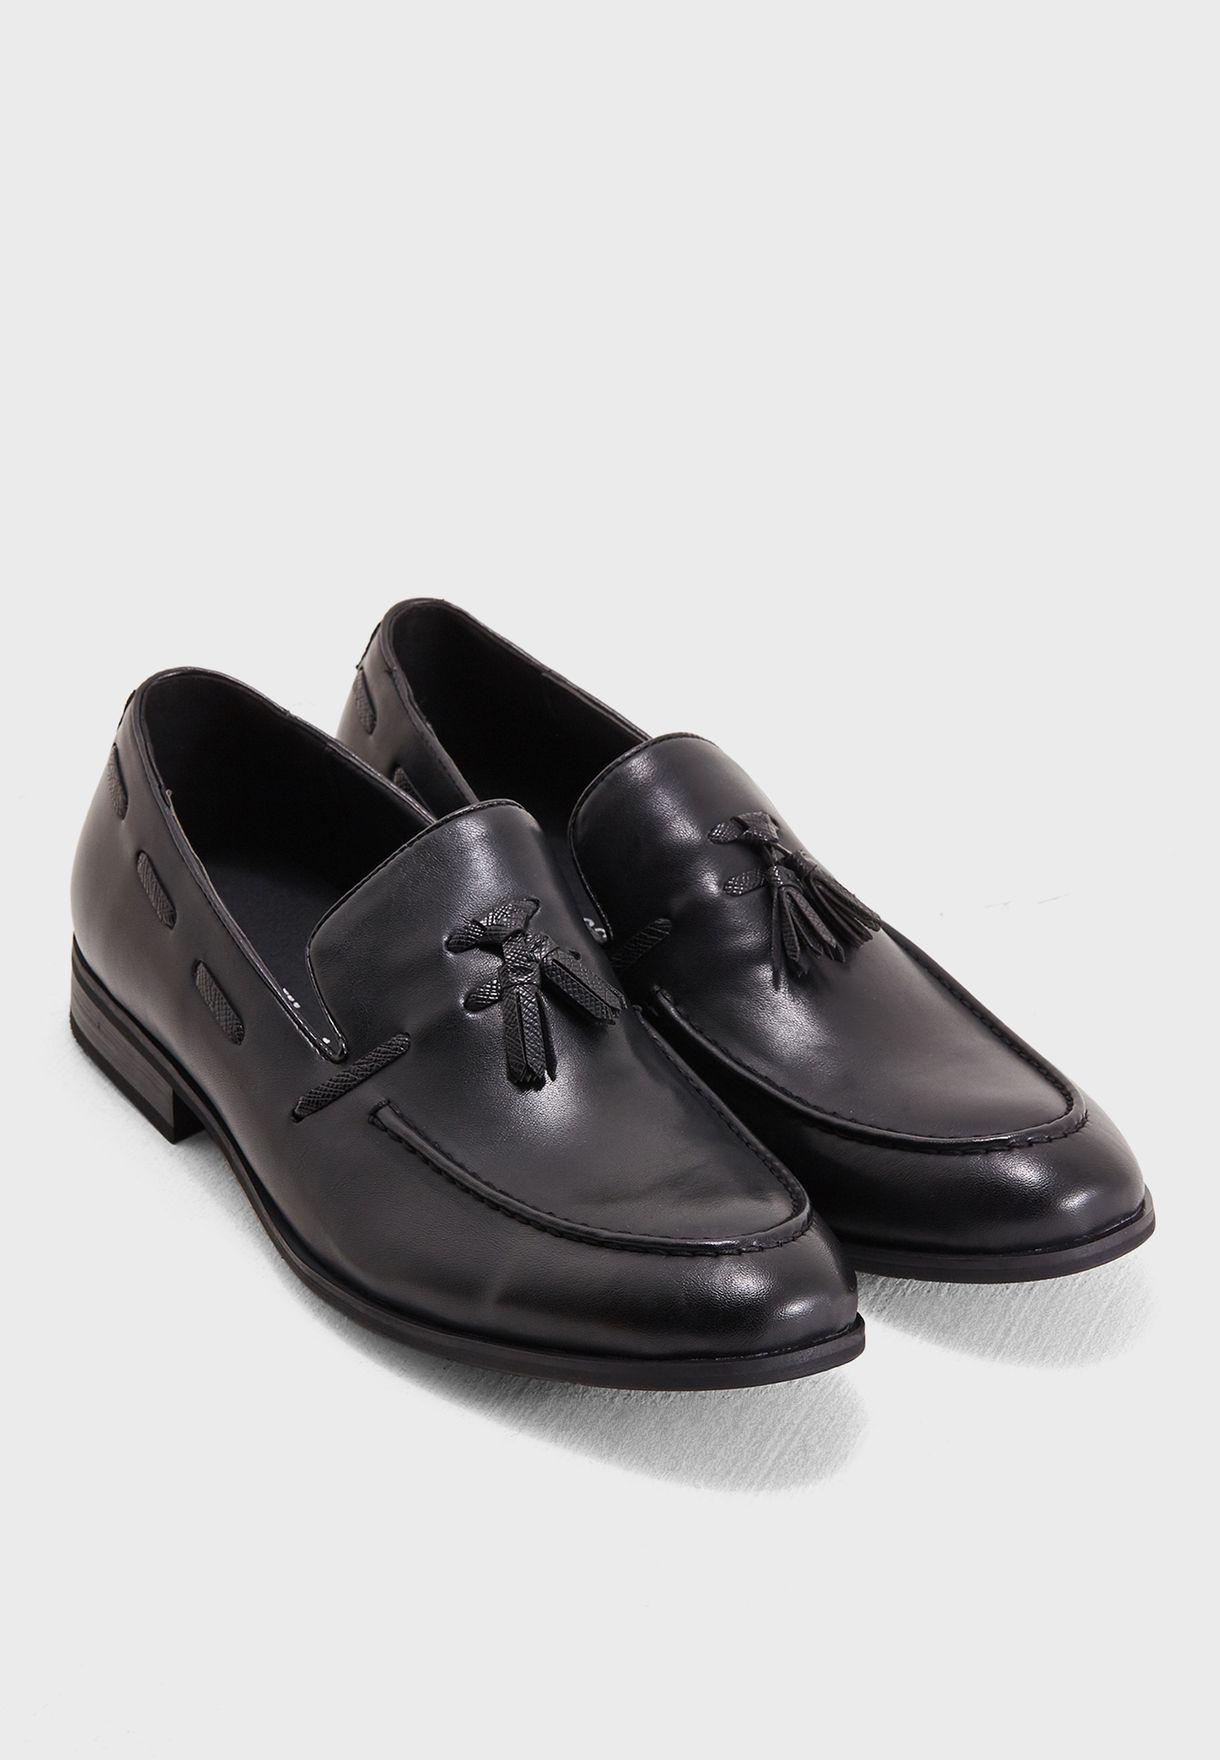 حذاء كاجوال مزين بشراشيب